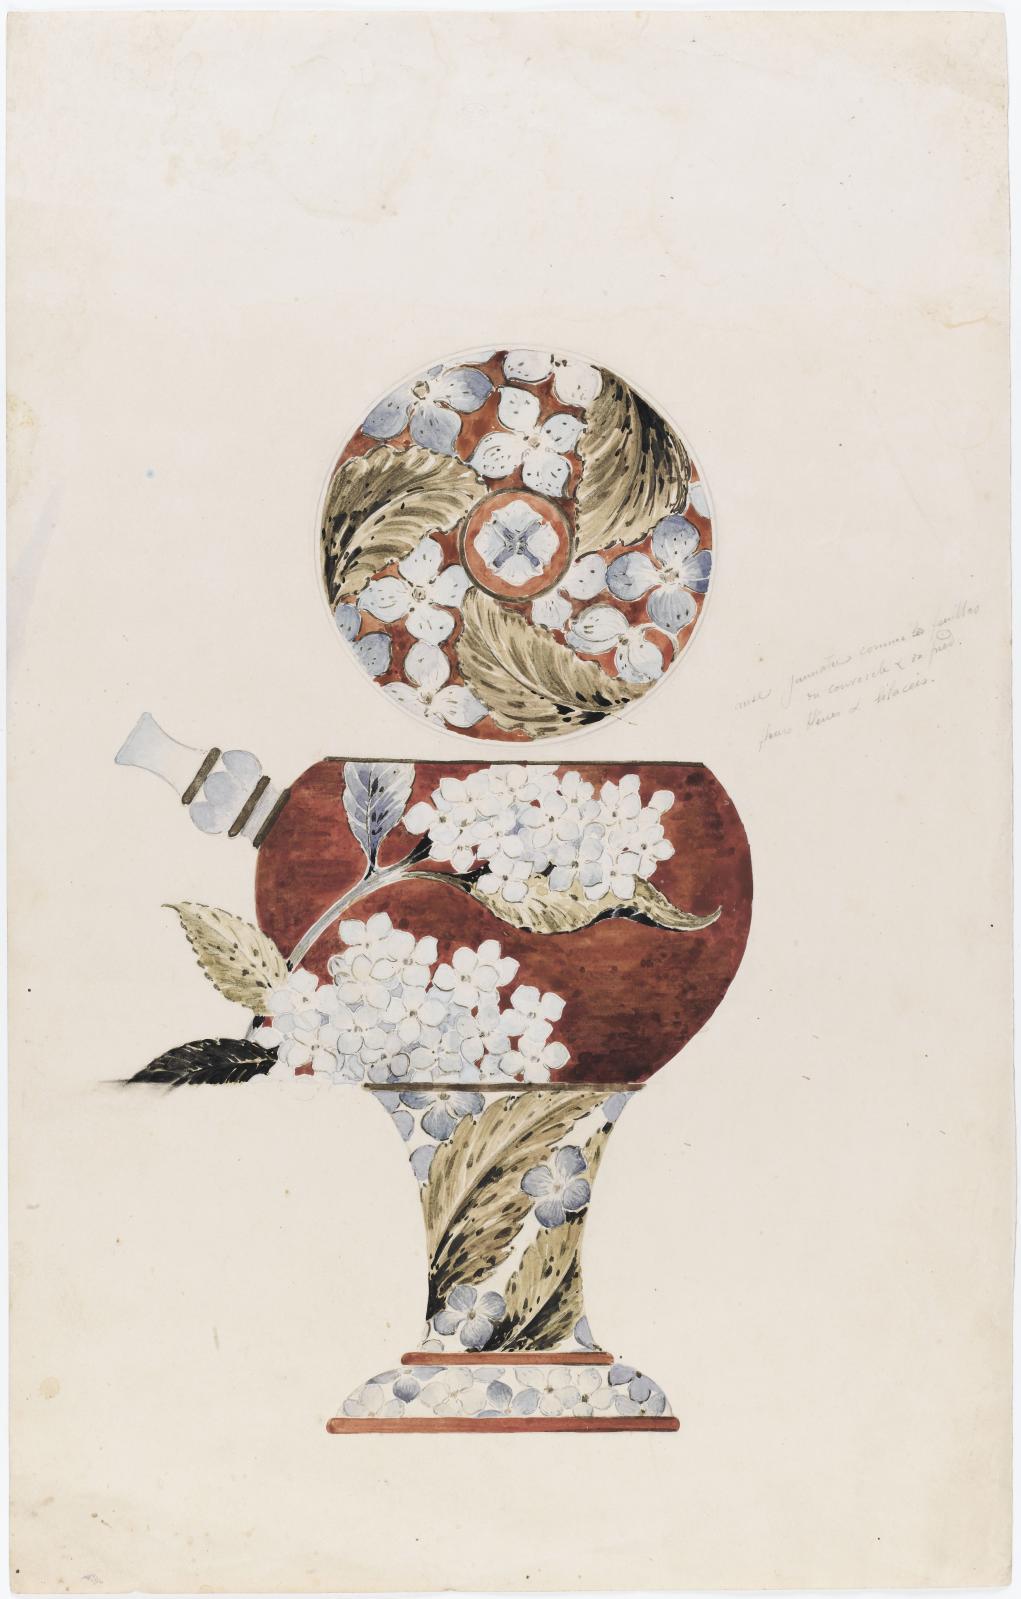 Émile Gallé, «vase aux liliacées et son couvercle», crayon, aquarelle et rehauts d'or, 44x 27,9cm, musée d'Orsay. © RMN-Grand Palais (musée d'Orsay)